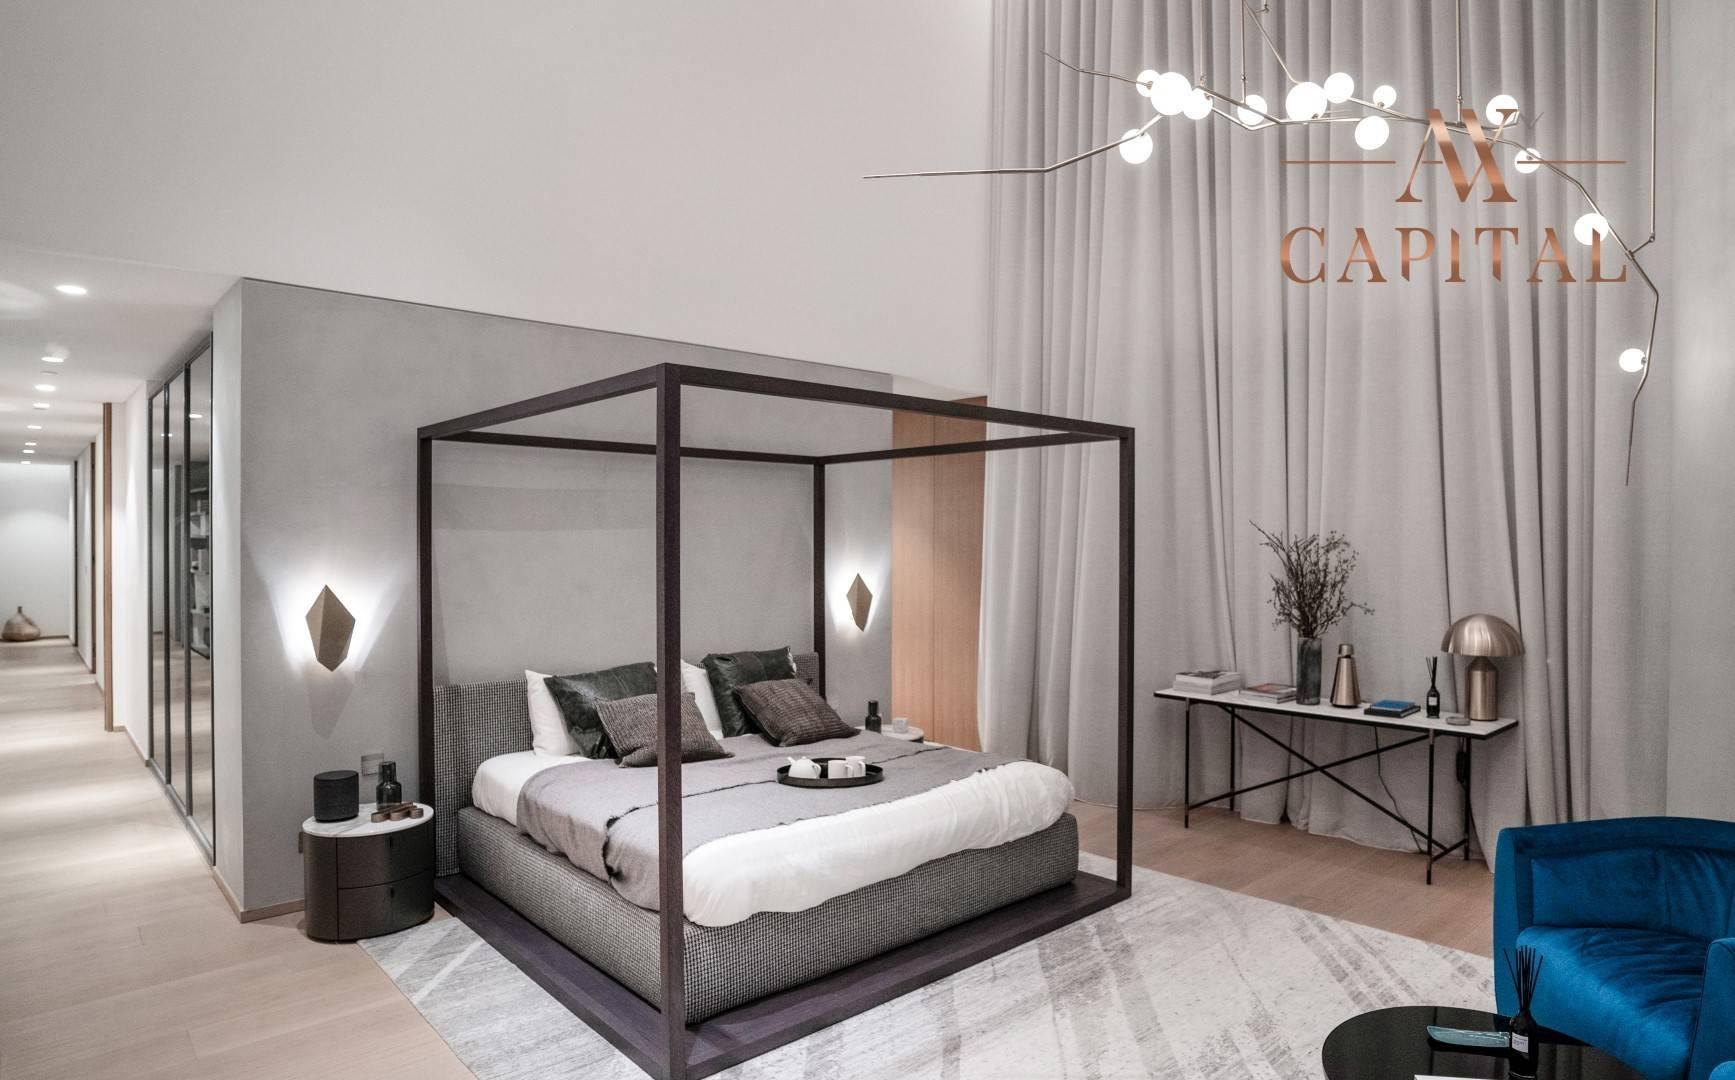 Апартаменты, sale в One Palm Дубай, ОАЭ